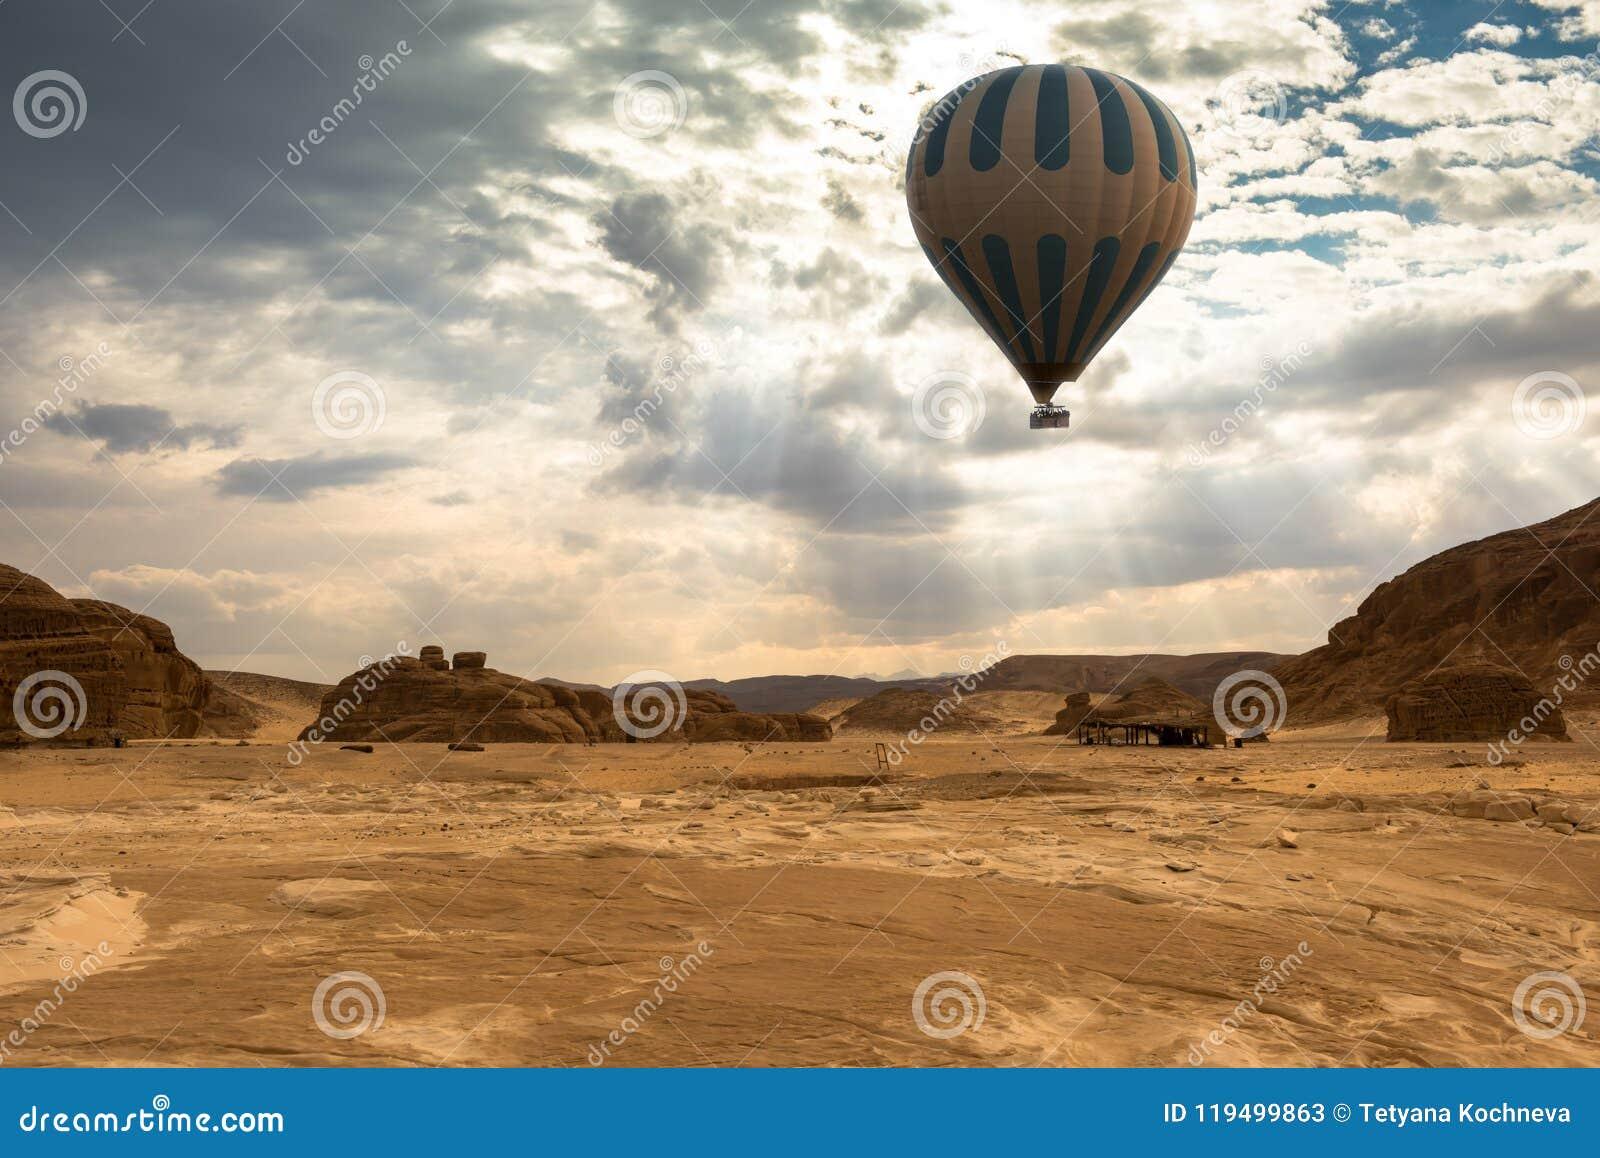 Ταξίδι μπαλονιών ζεστού αέρα πέρα από την έρημο